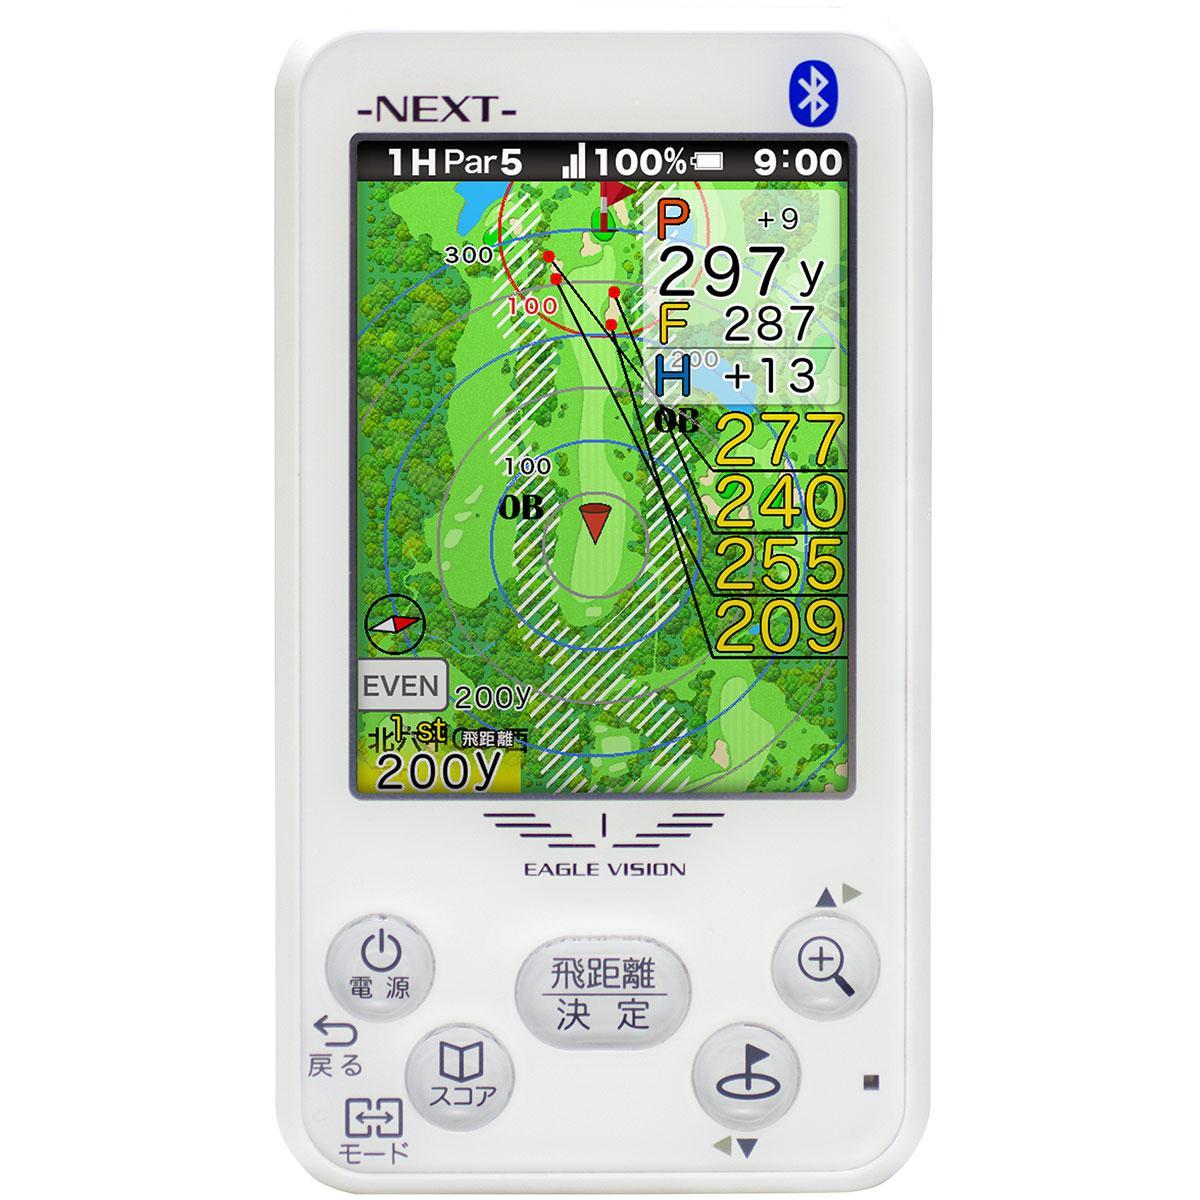 【父の日ギフト】朝日ゴルフ用品 ASAHI GOLF イーグルビジョンNEXT[GSP ナビ 距離測定器 携帯 キャディ 計測器 EAGLE VISION]